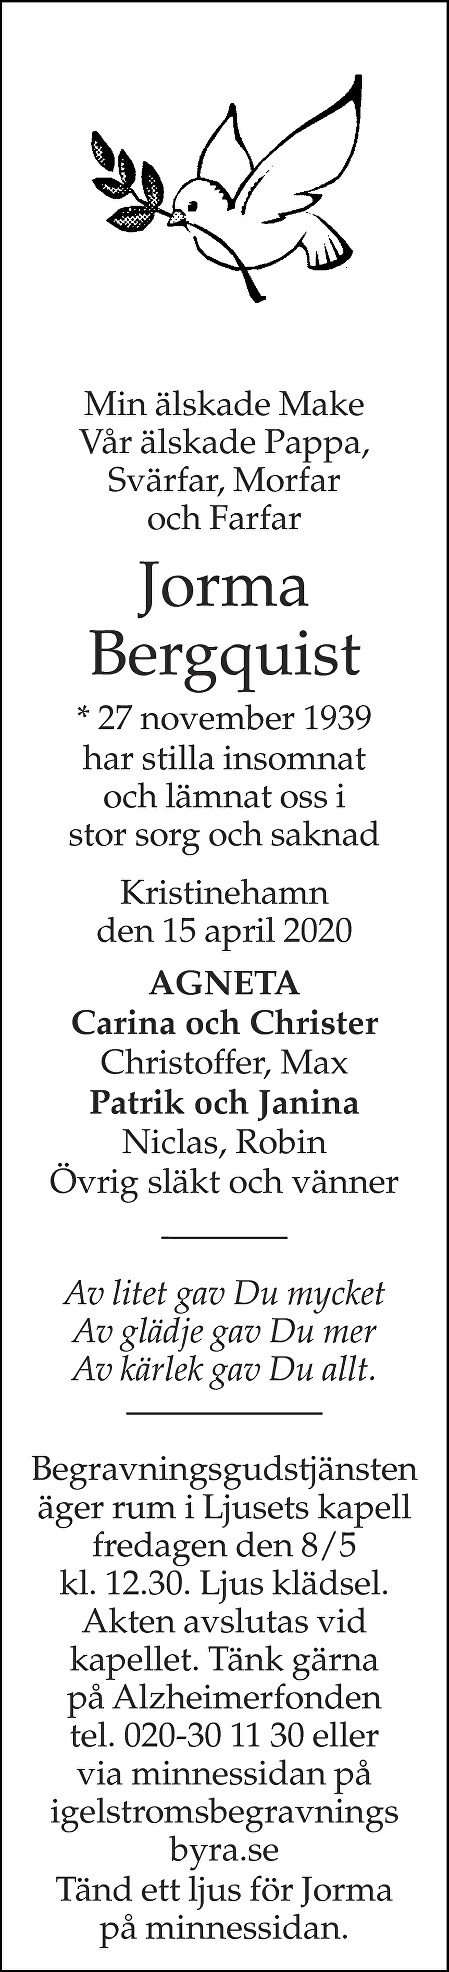 Jorma Bergquist Death notice